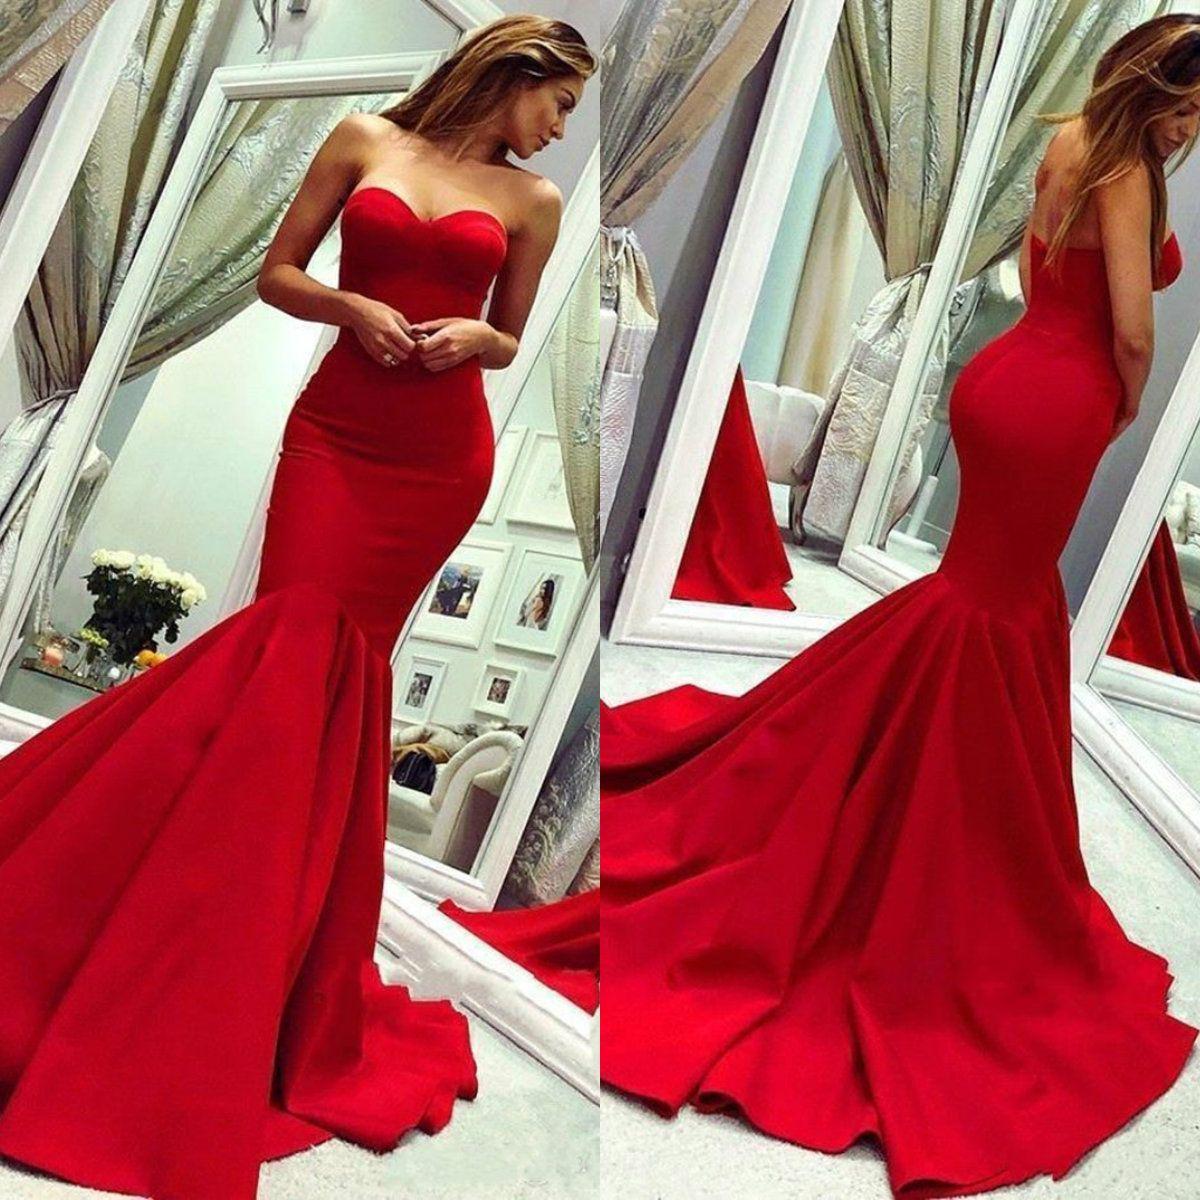 2020 rouge robes de bal sweetheart élégante sirène robes de soirée occasion balayage train dos nu ruché satin célébrité tenue de soirée